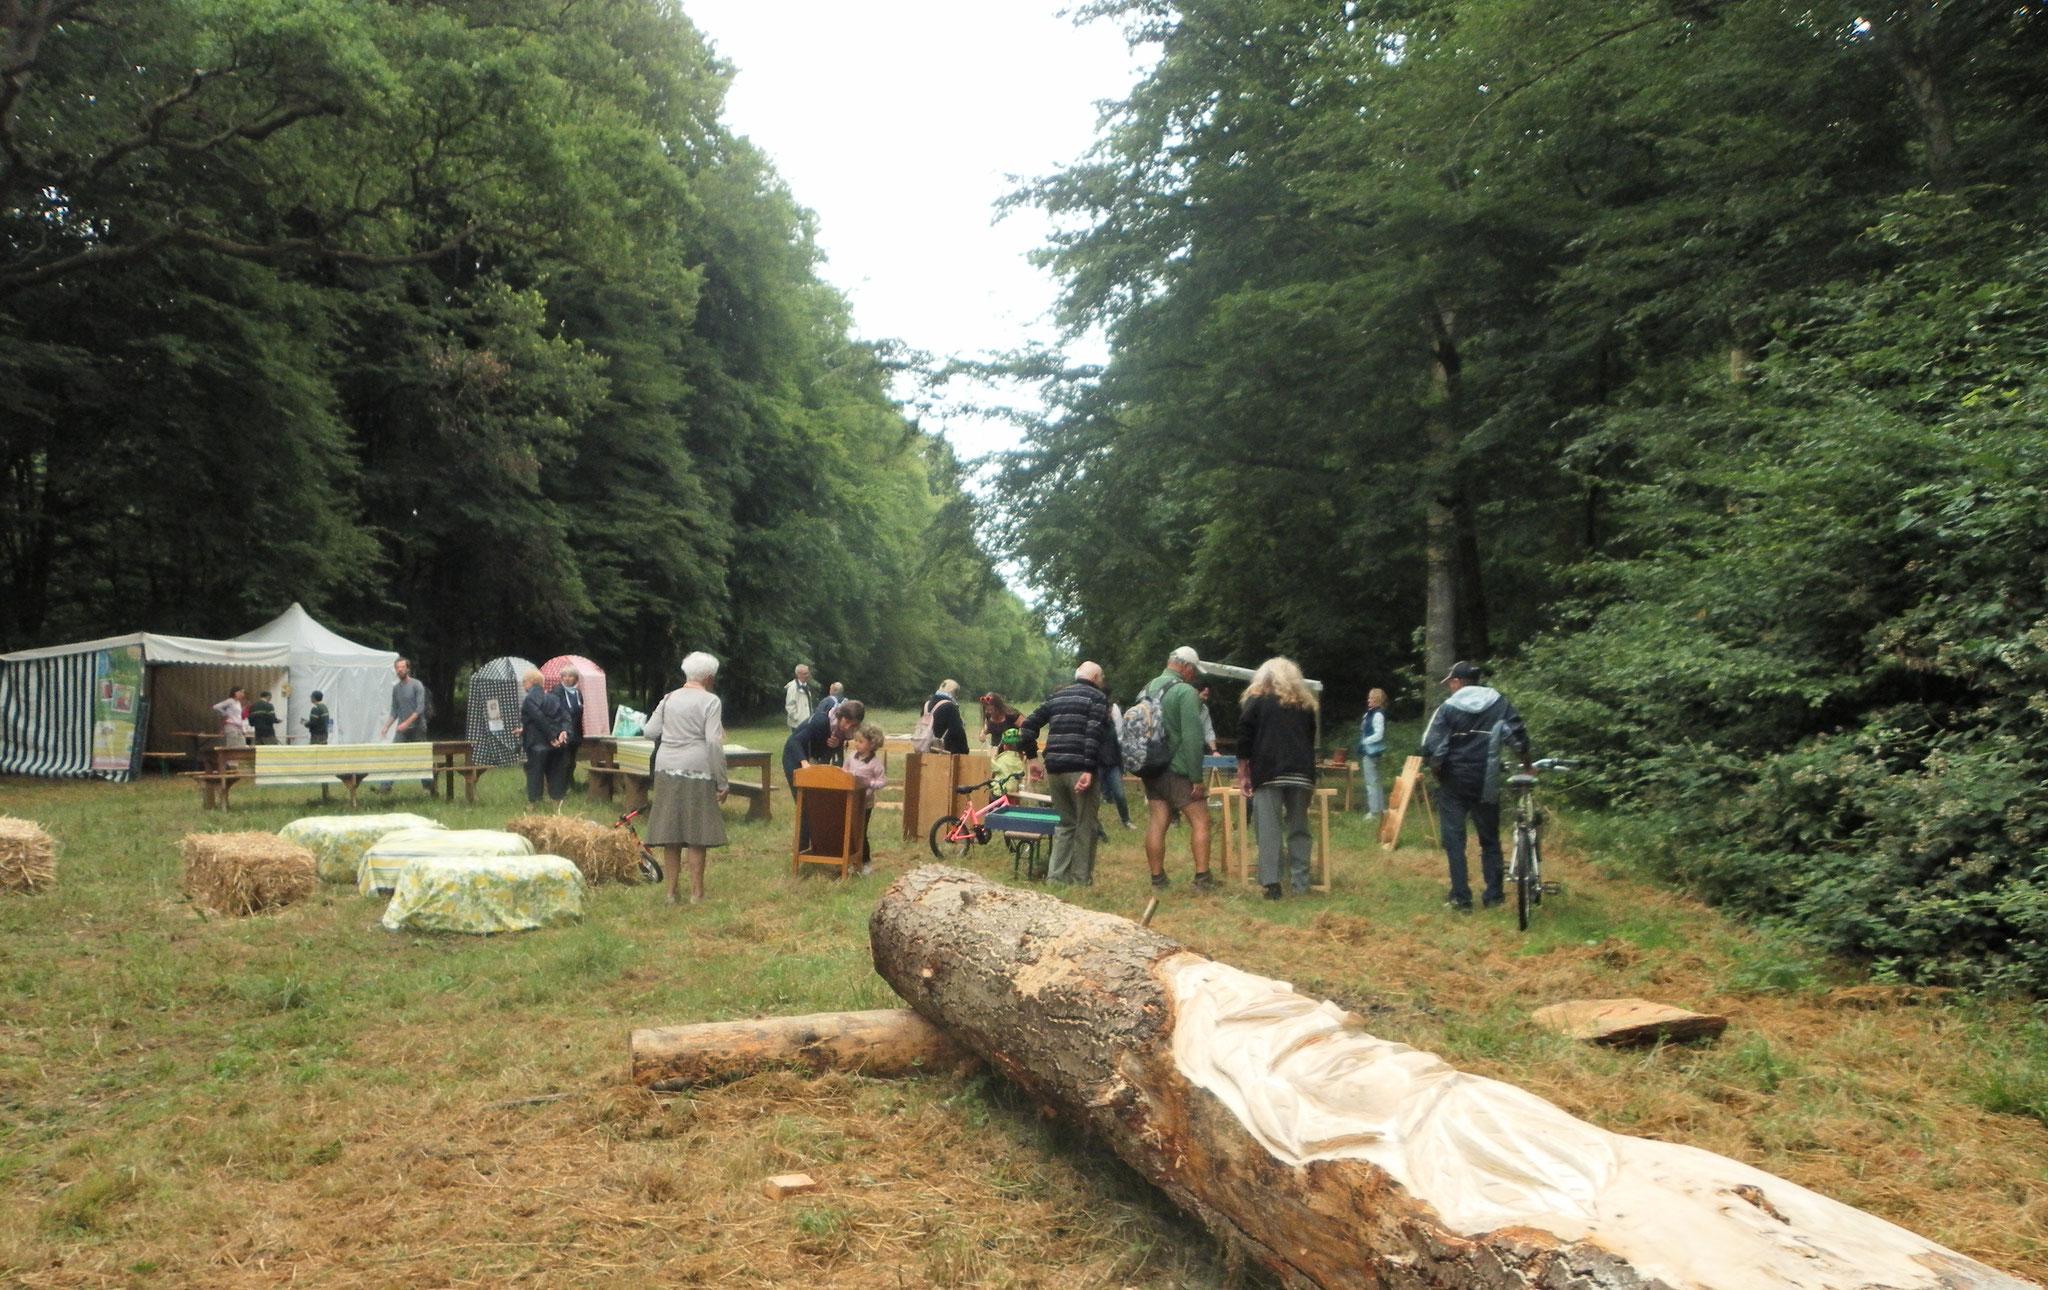 L'esprit de la Forêt - Marlaine Morin - 2017